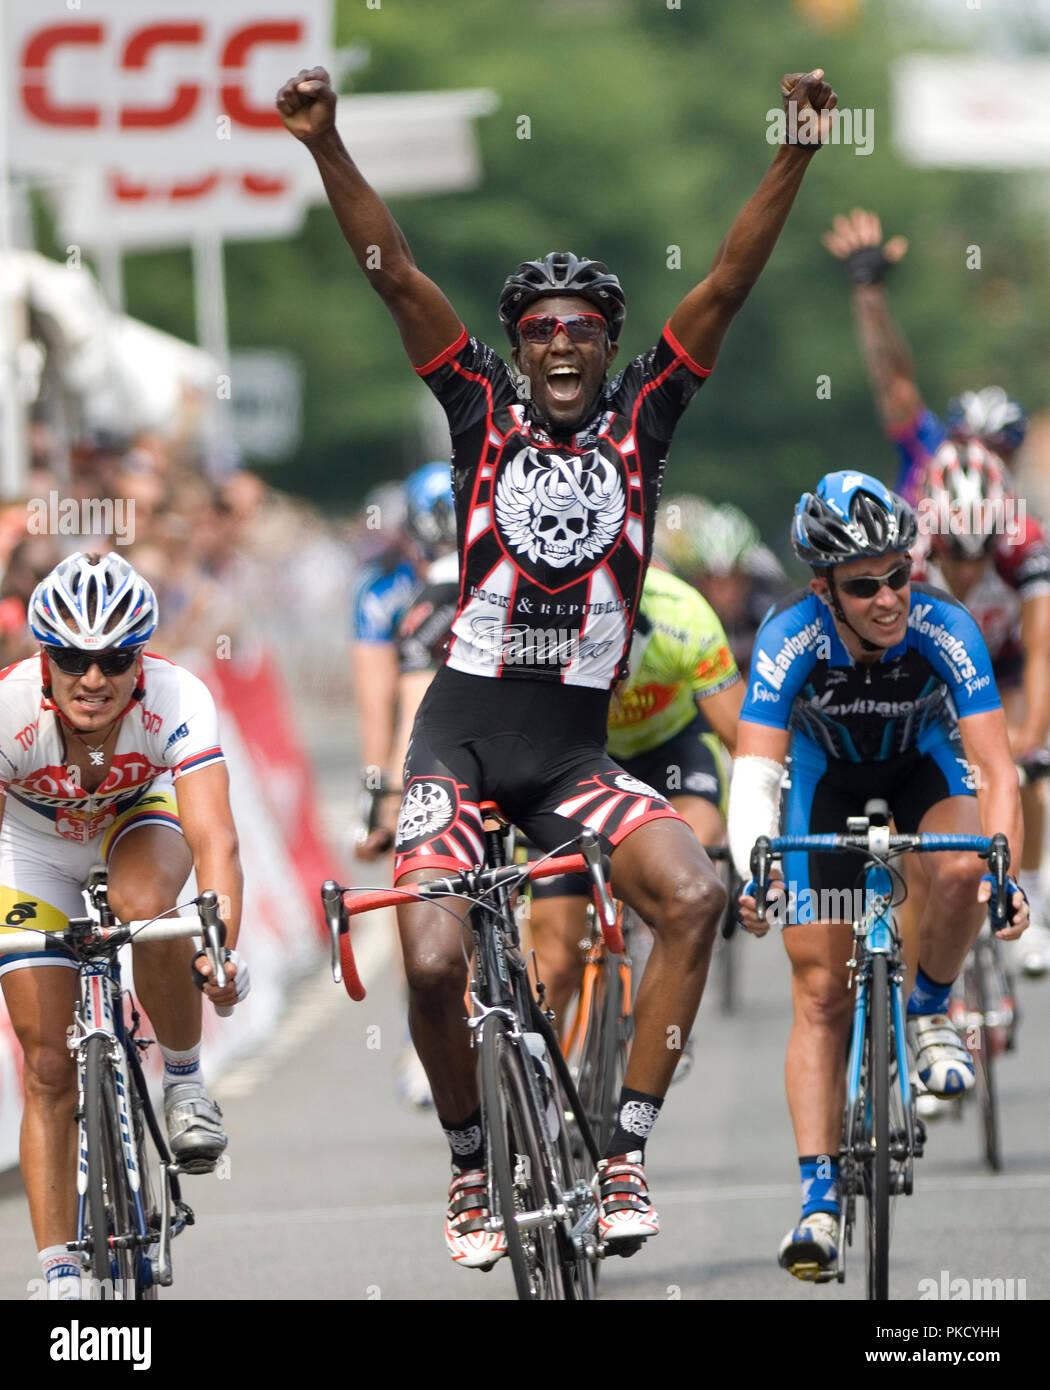 virginia athlet beale racing - 606×750